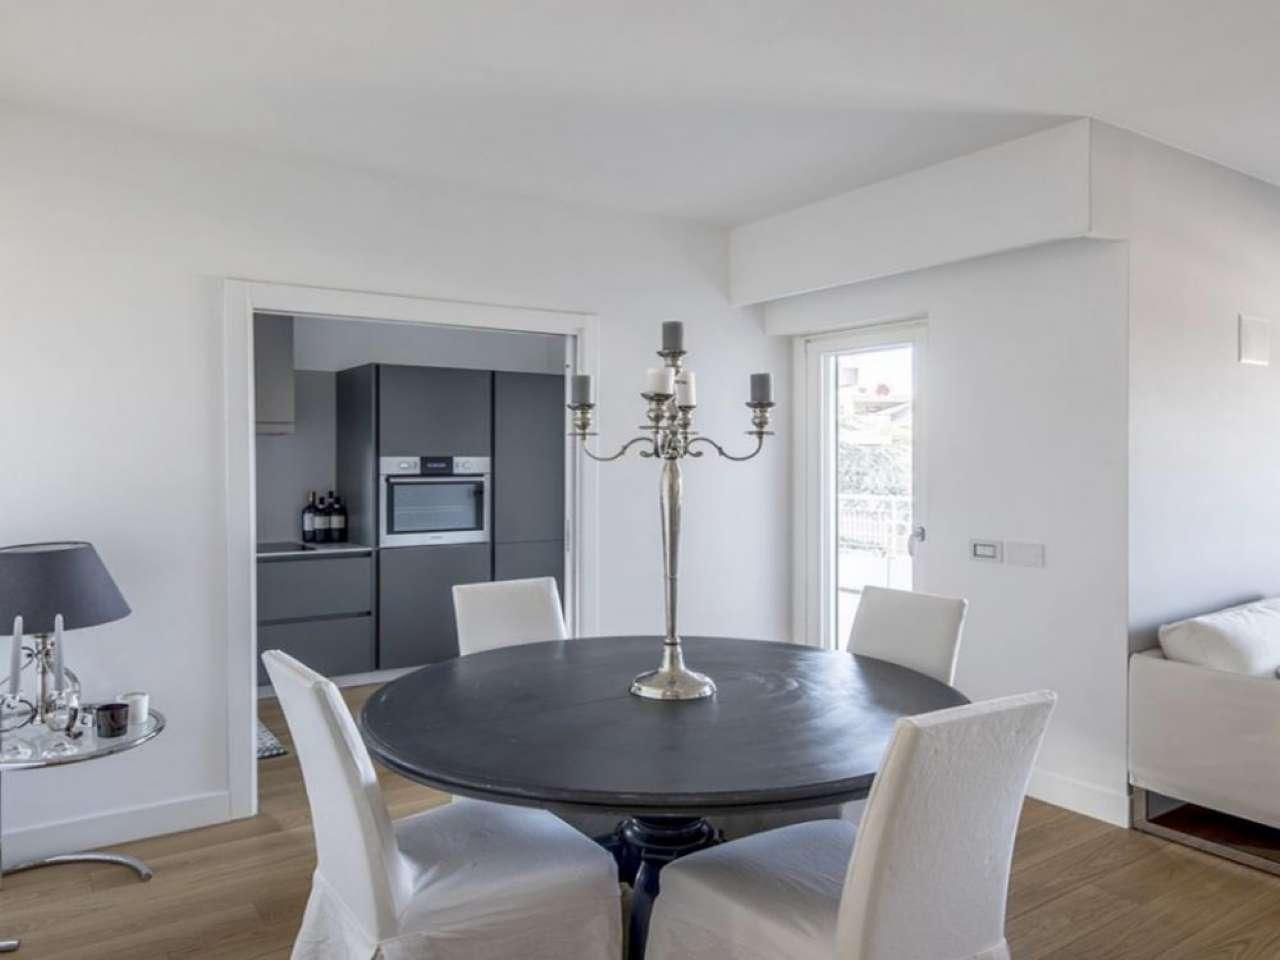 Appartamento in vendita a Roma, 3 locali, zona Zona: 31 . Giustiniana, Tomba di Nerone, Cassia, prezzo € 495.000 | CambioCasa.it